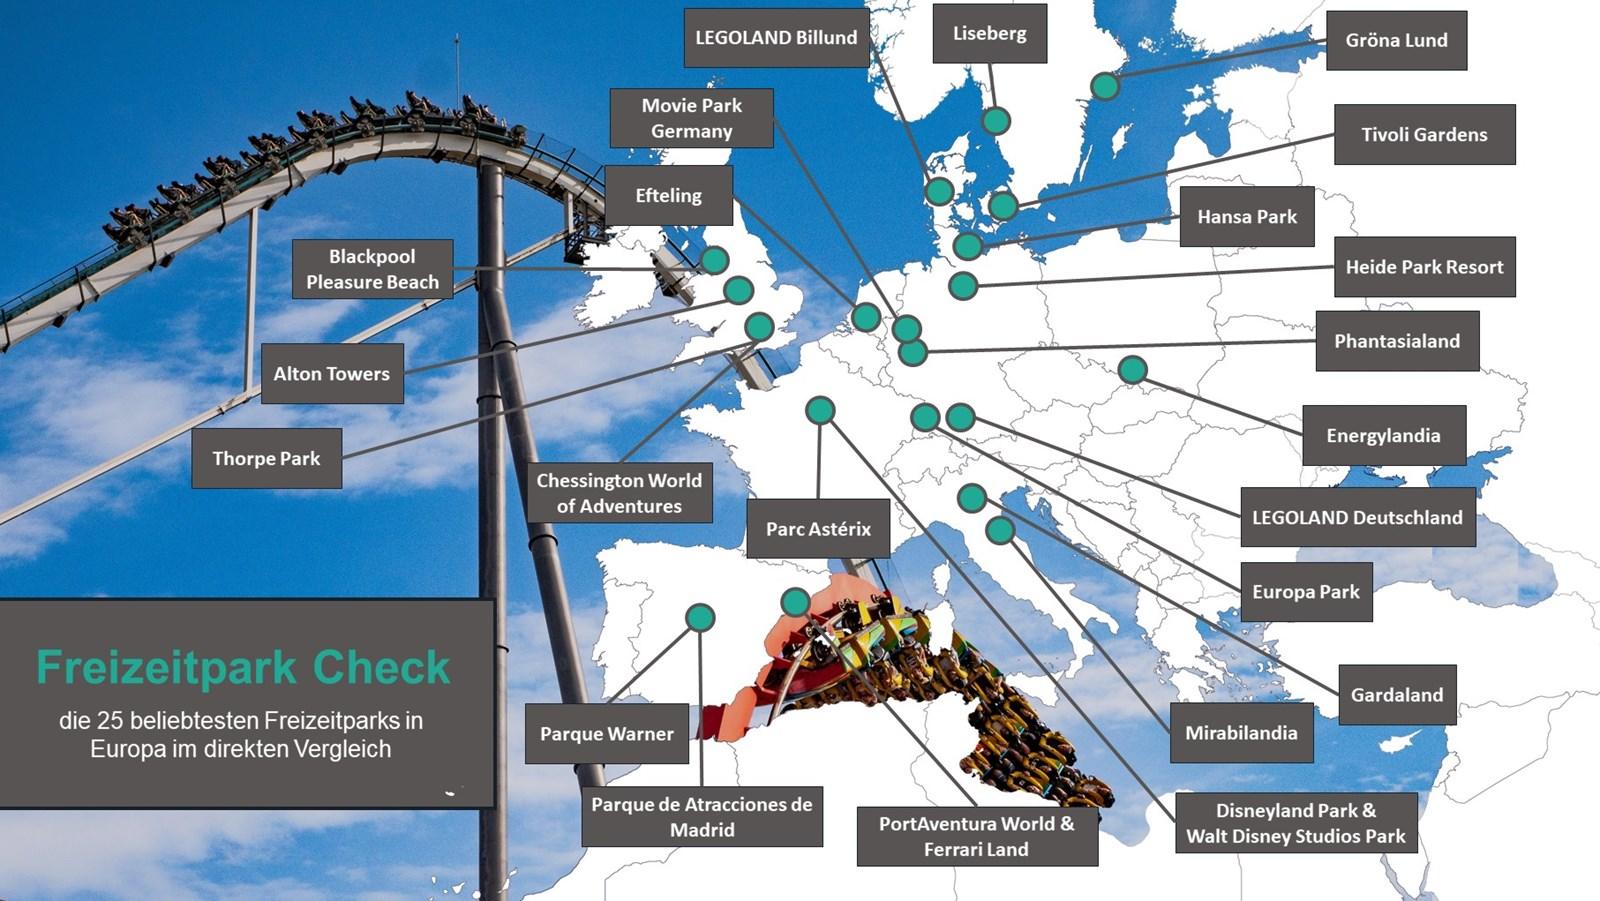 Zehn europäische Freizeitparks im Vergleich